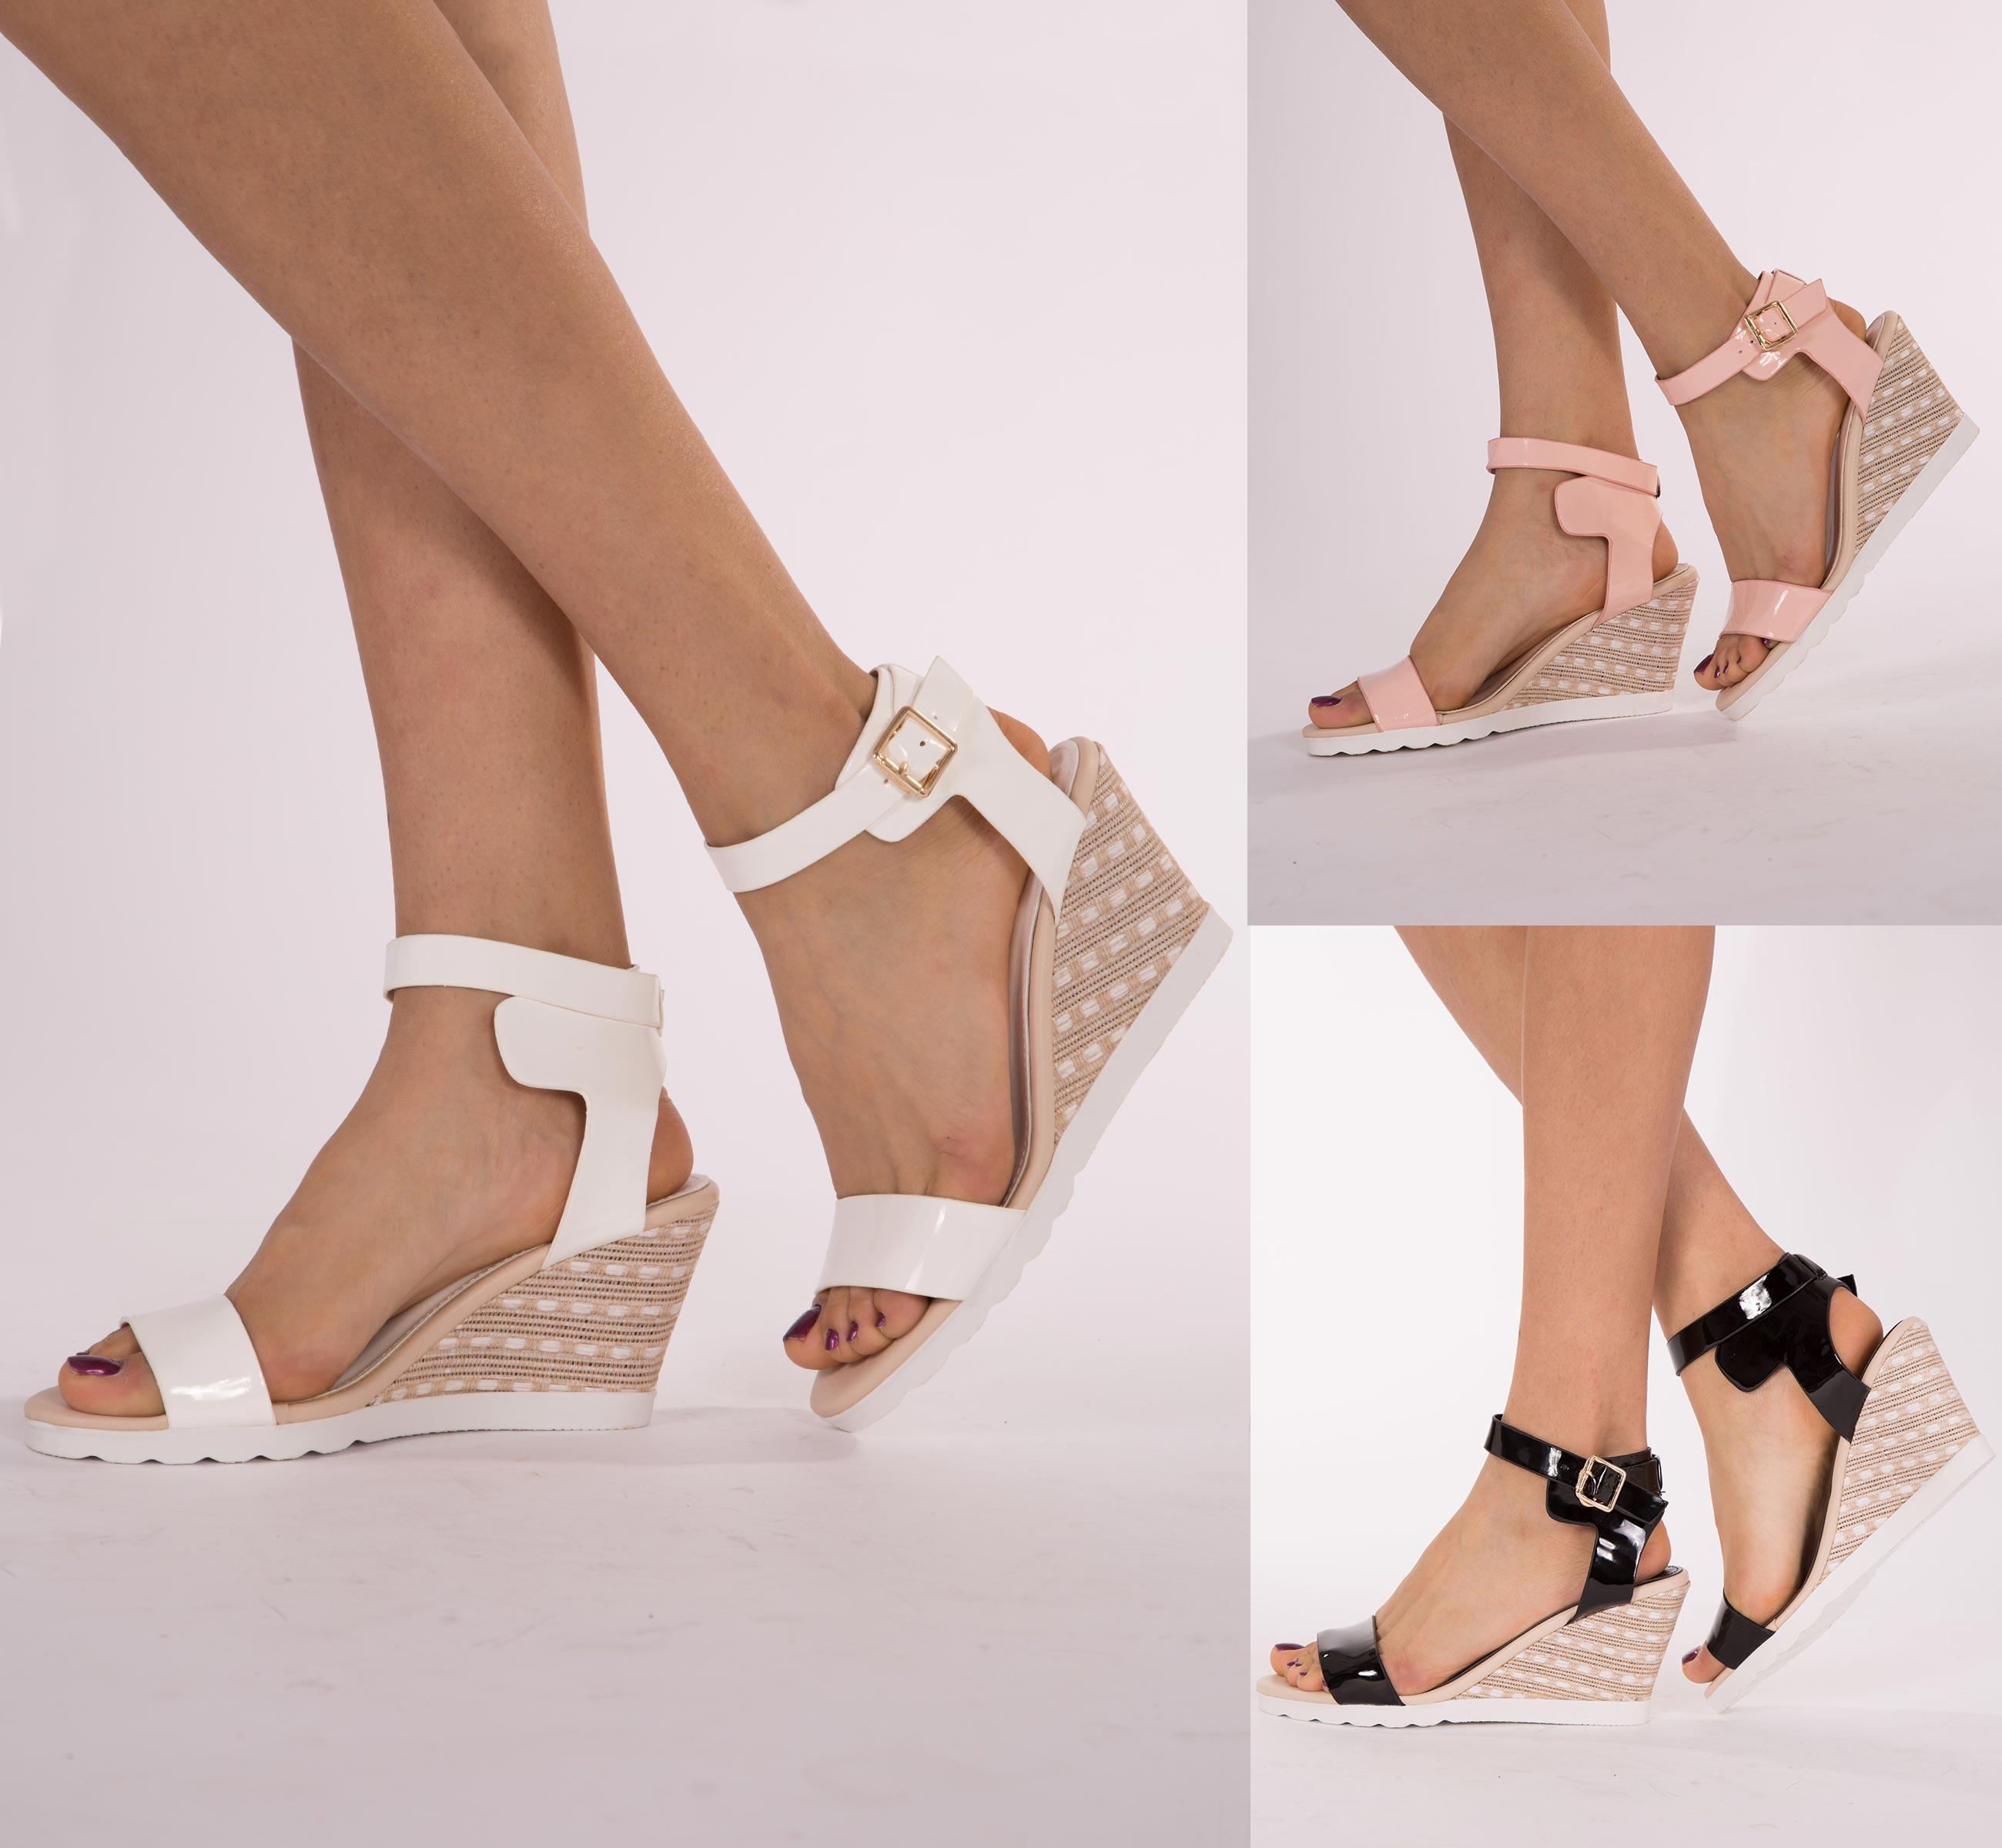 Women In Wedge Heels